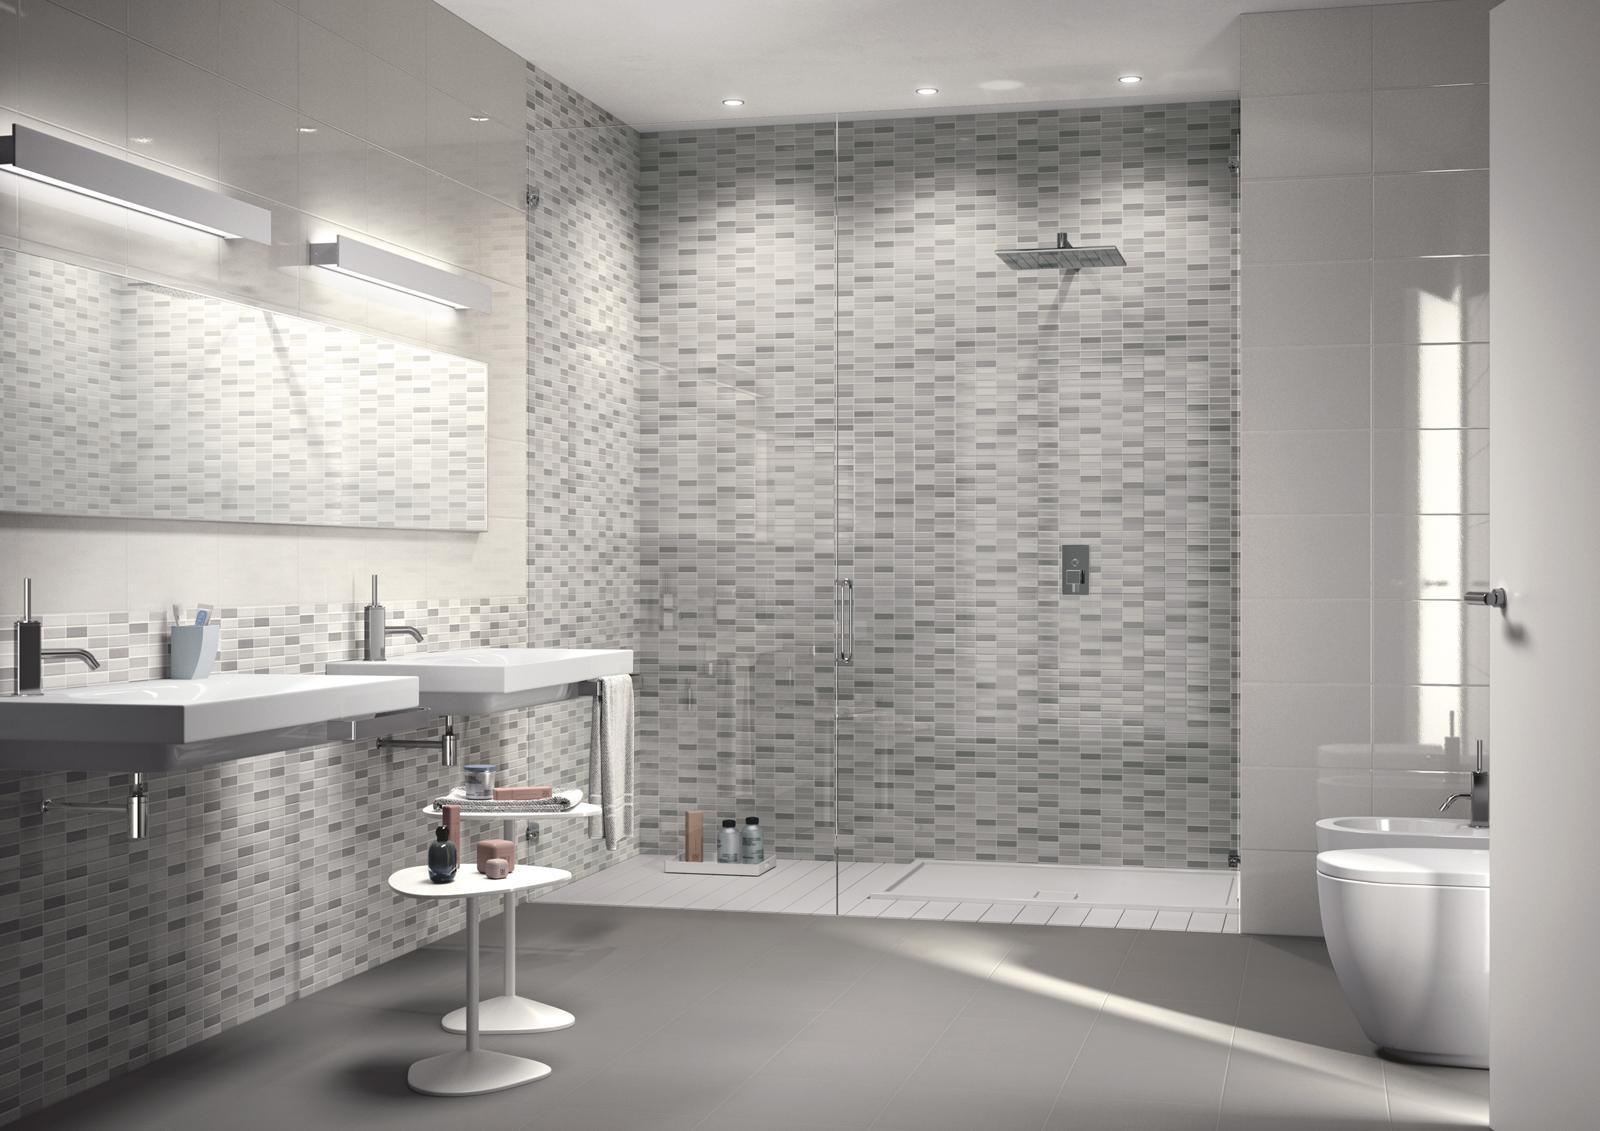 Collezione Game: Mosaici di ceramica per bagno e cucina | Ragno